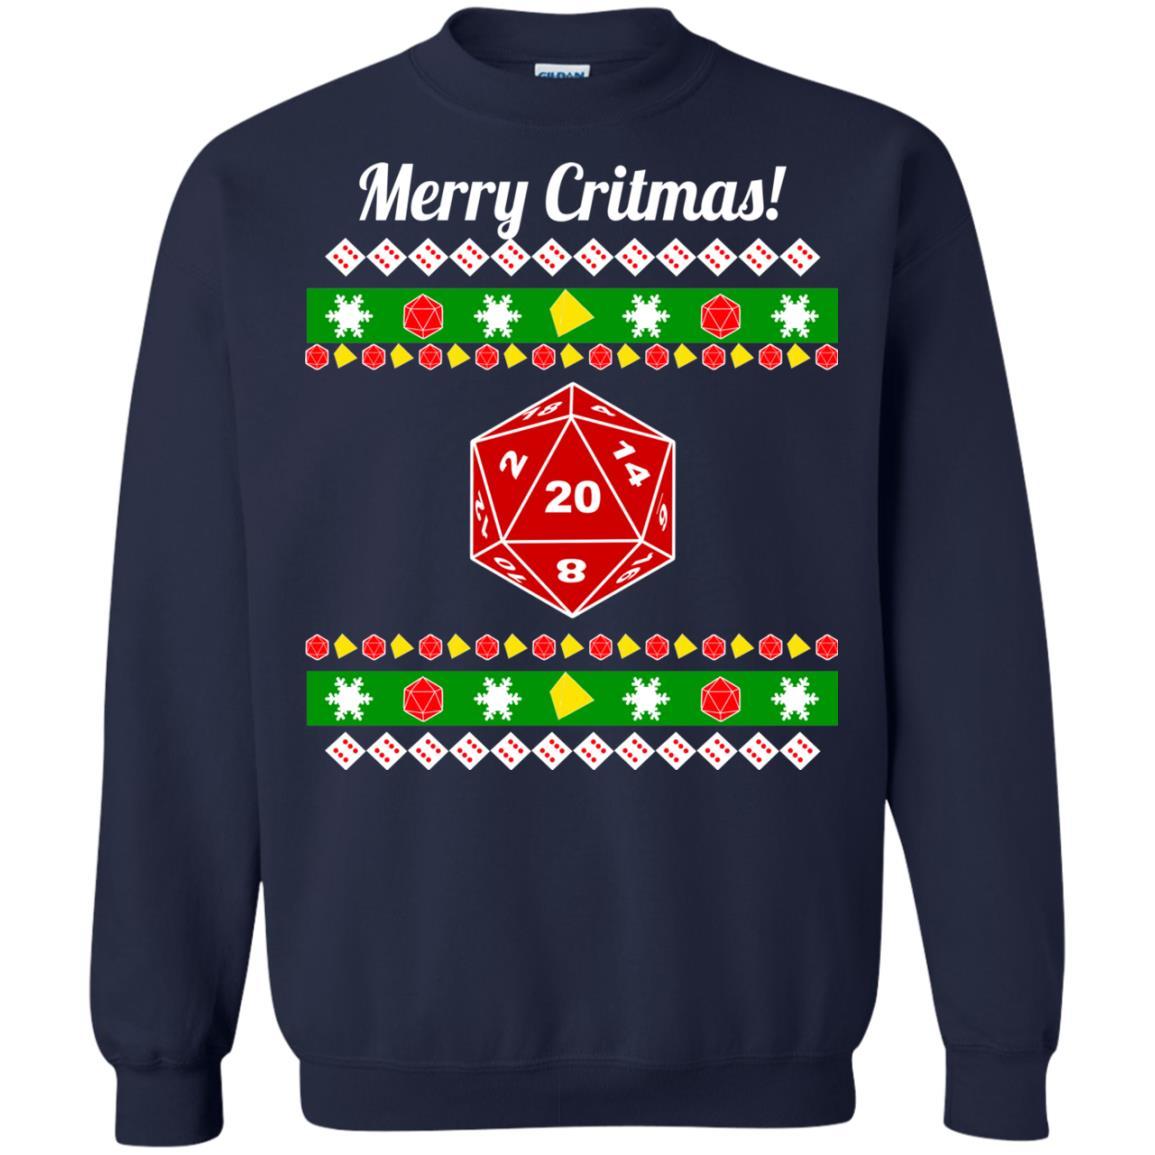 image 2210 - Merry Critmas Christmas ugly Sweatshirts, Long Sleeve